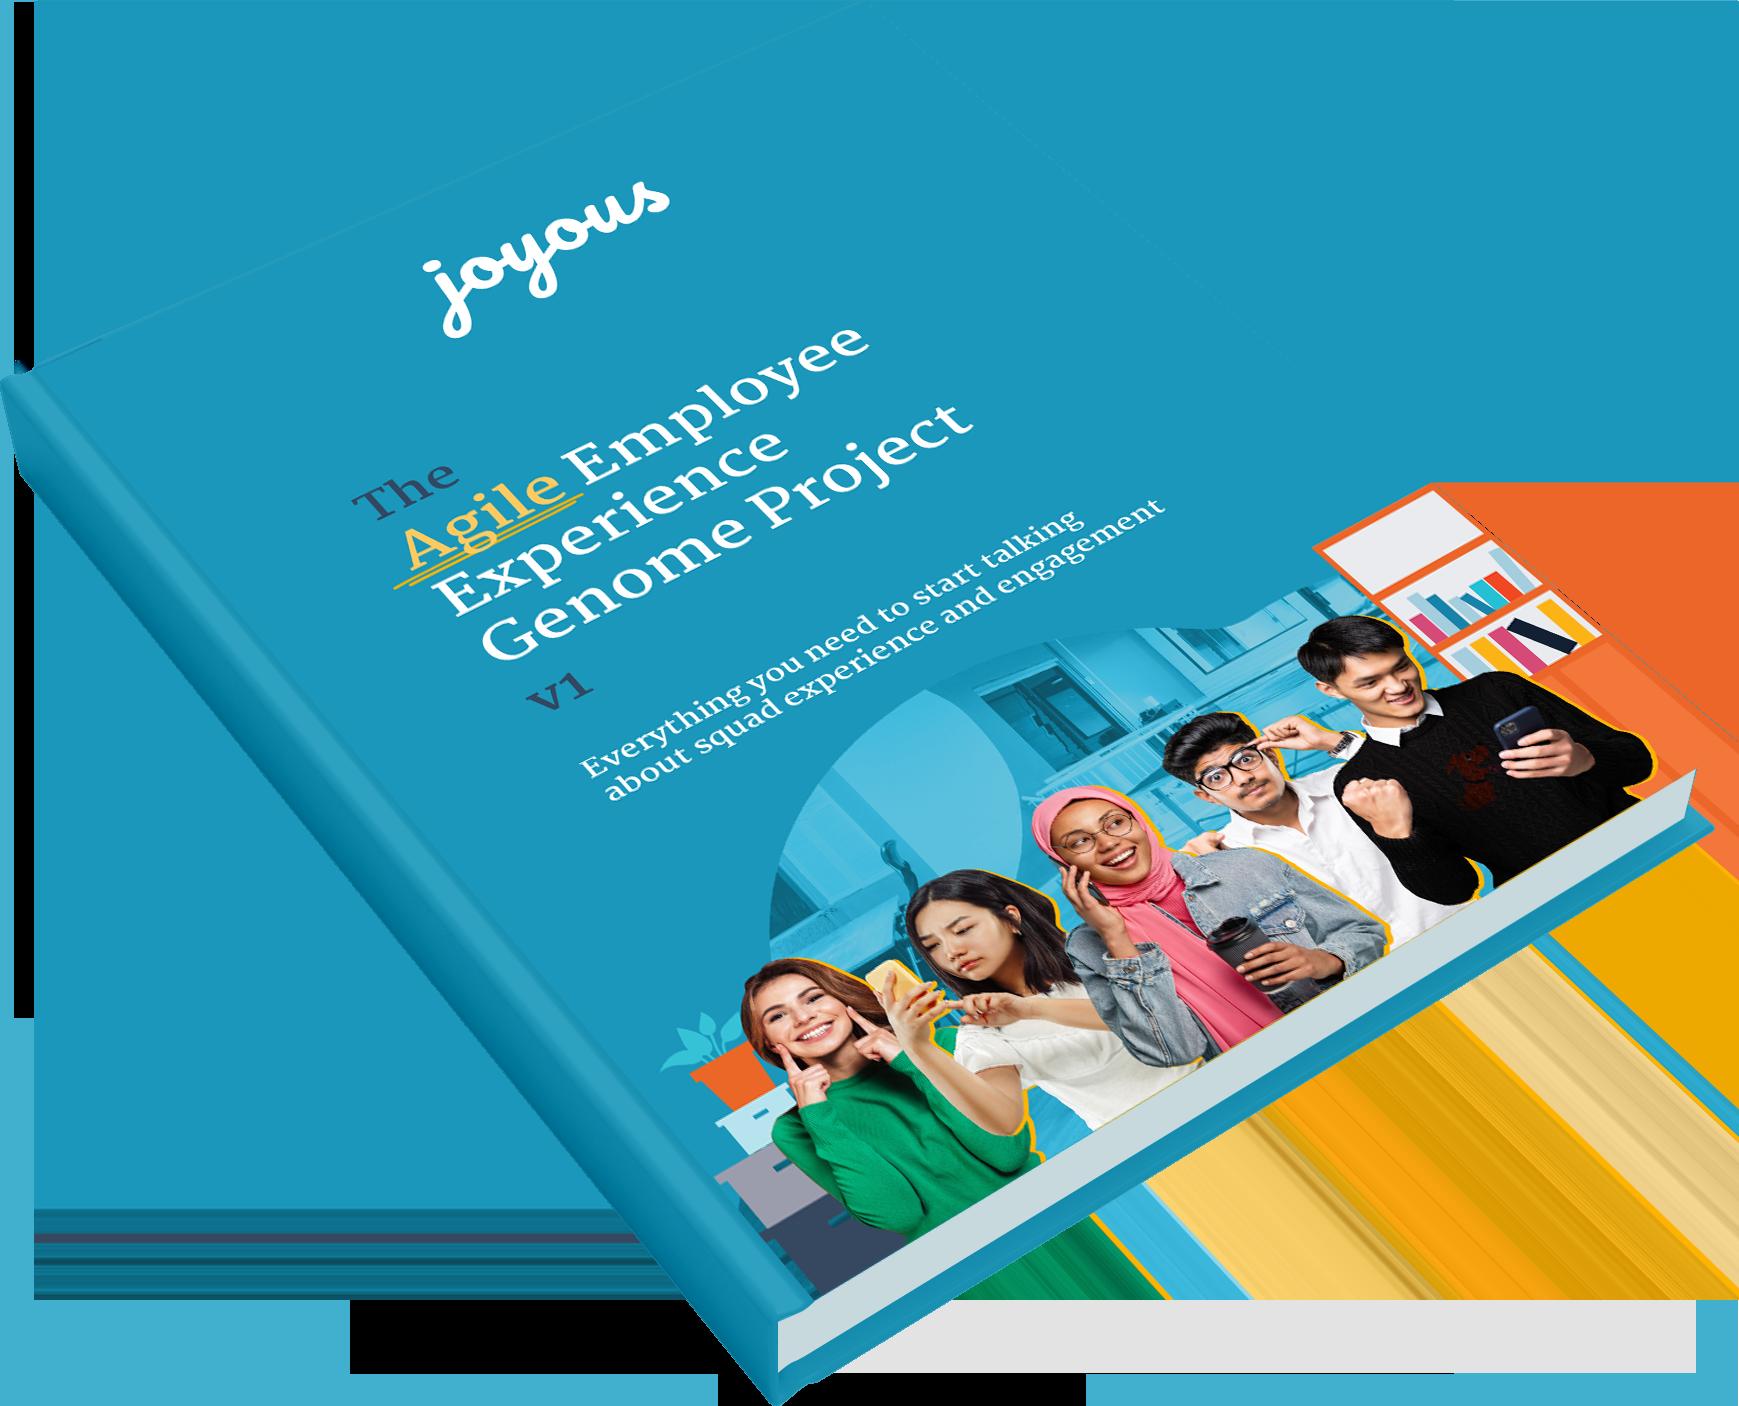 download-agile-genome-book